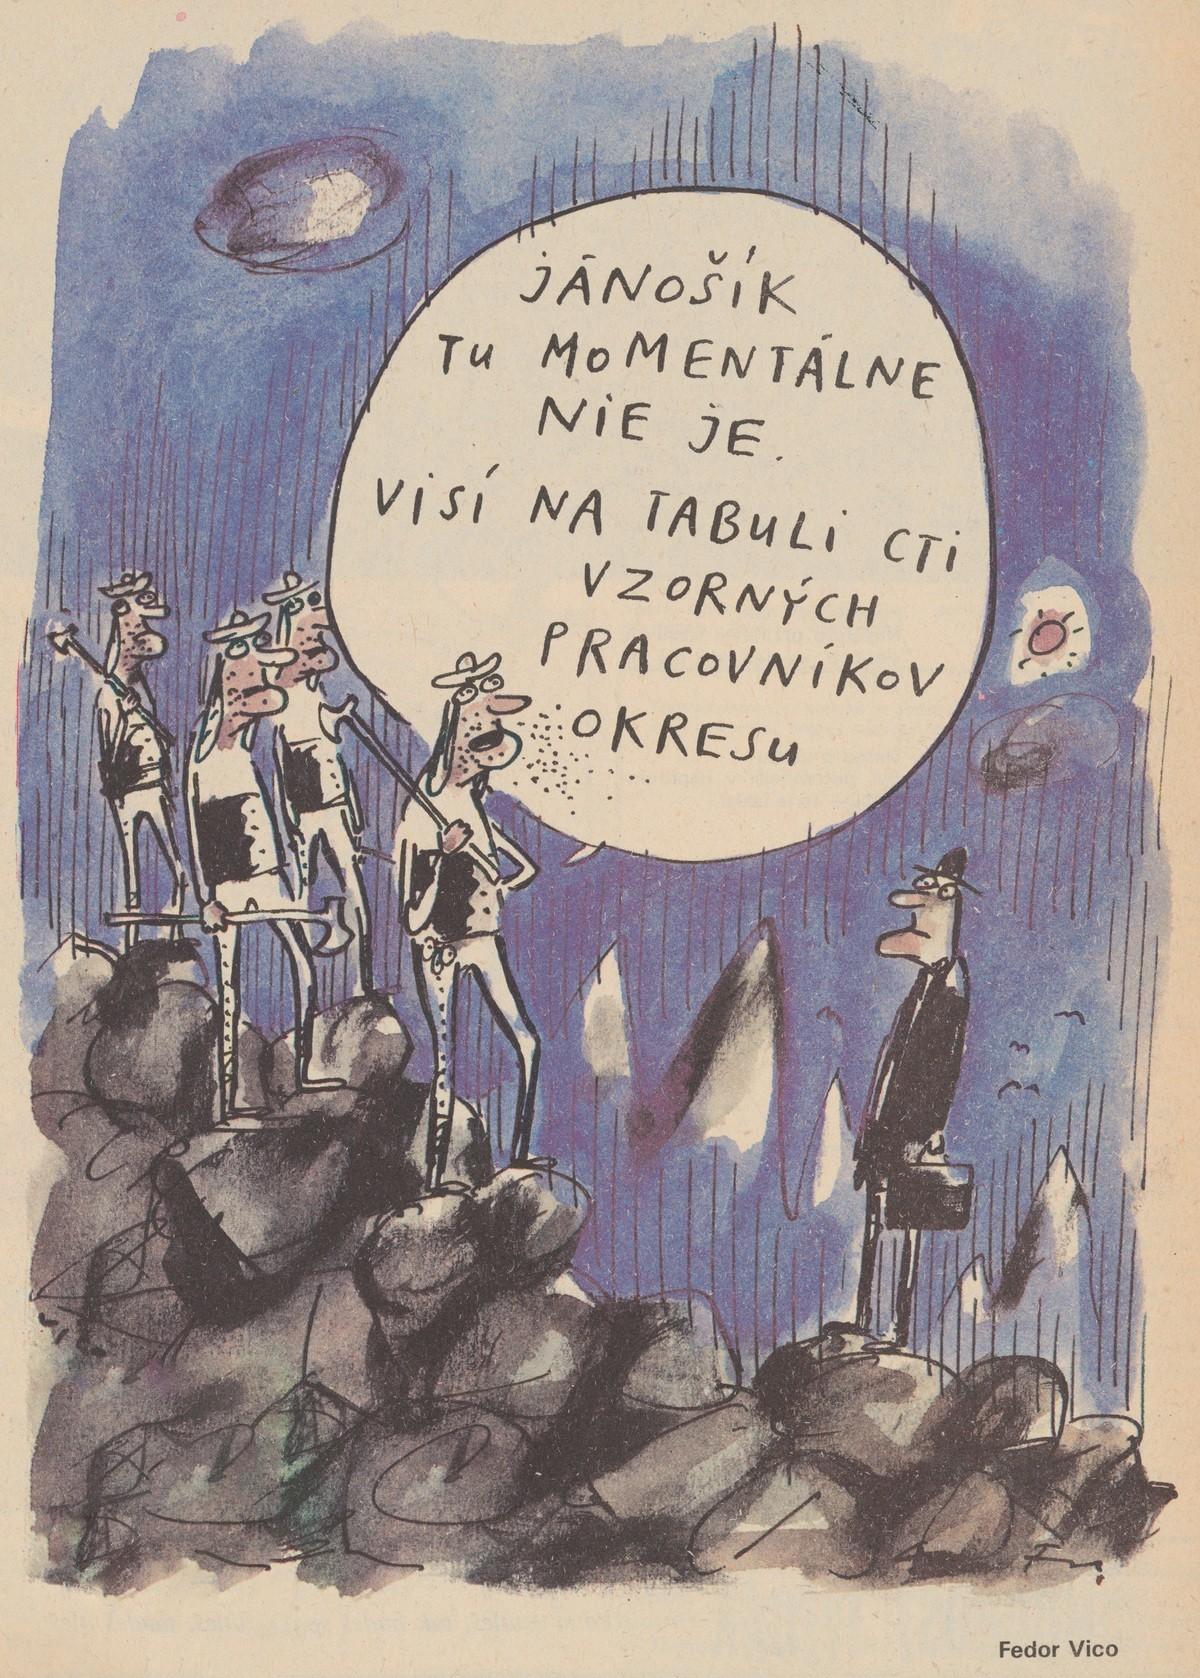 Fedor Vico, Jánošík tu momentálne nie je. 1989. Časopis Roháč